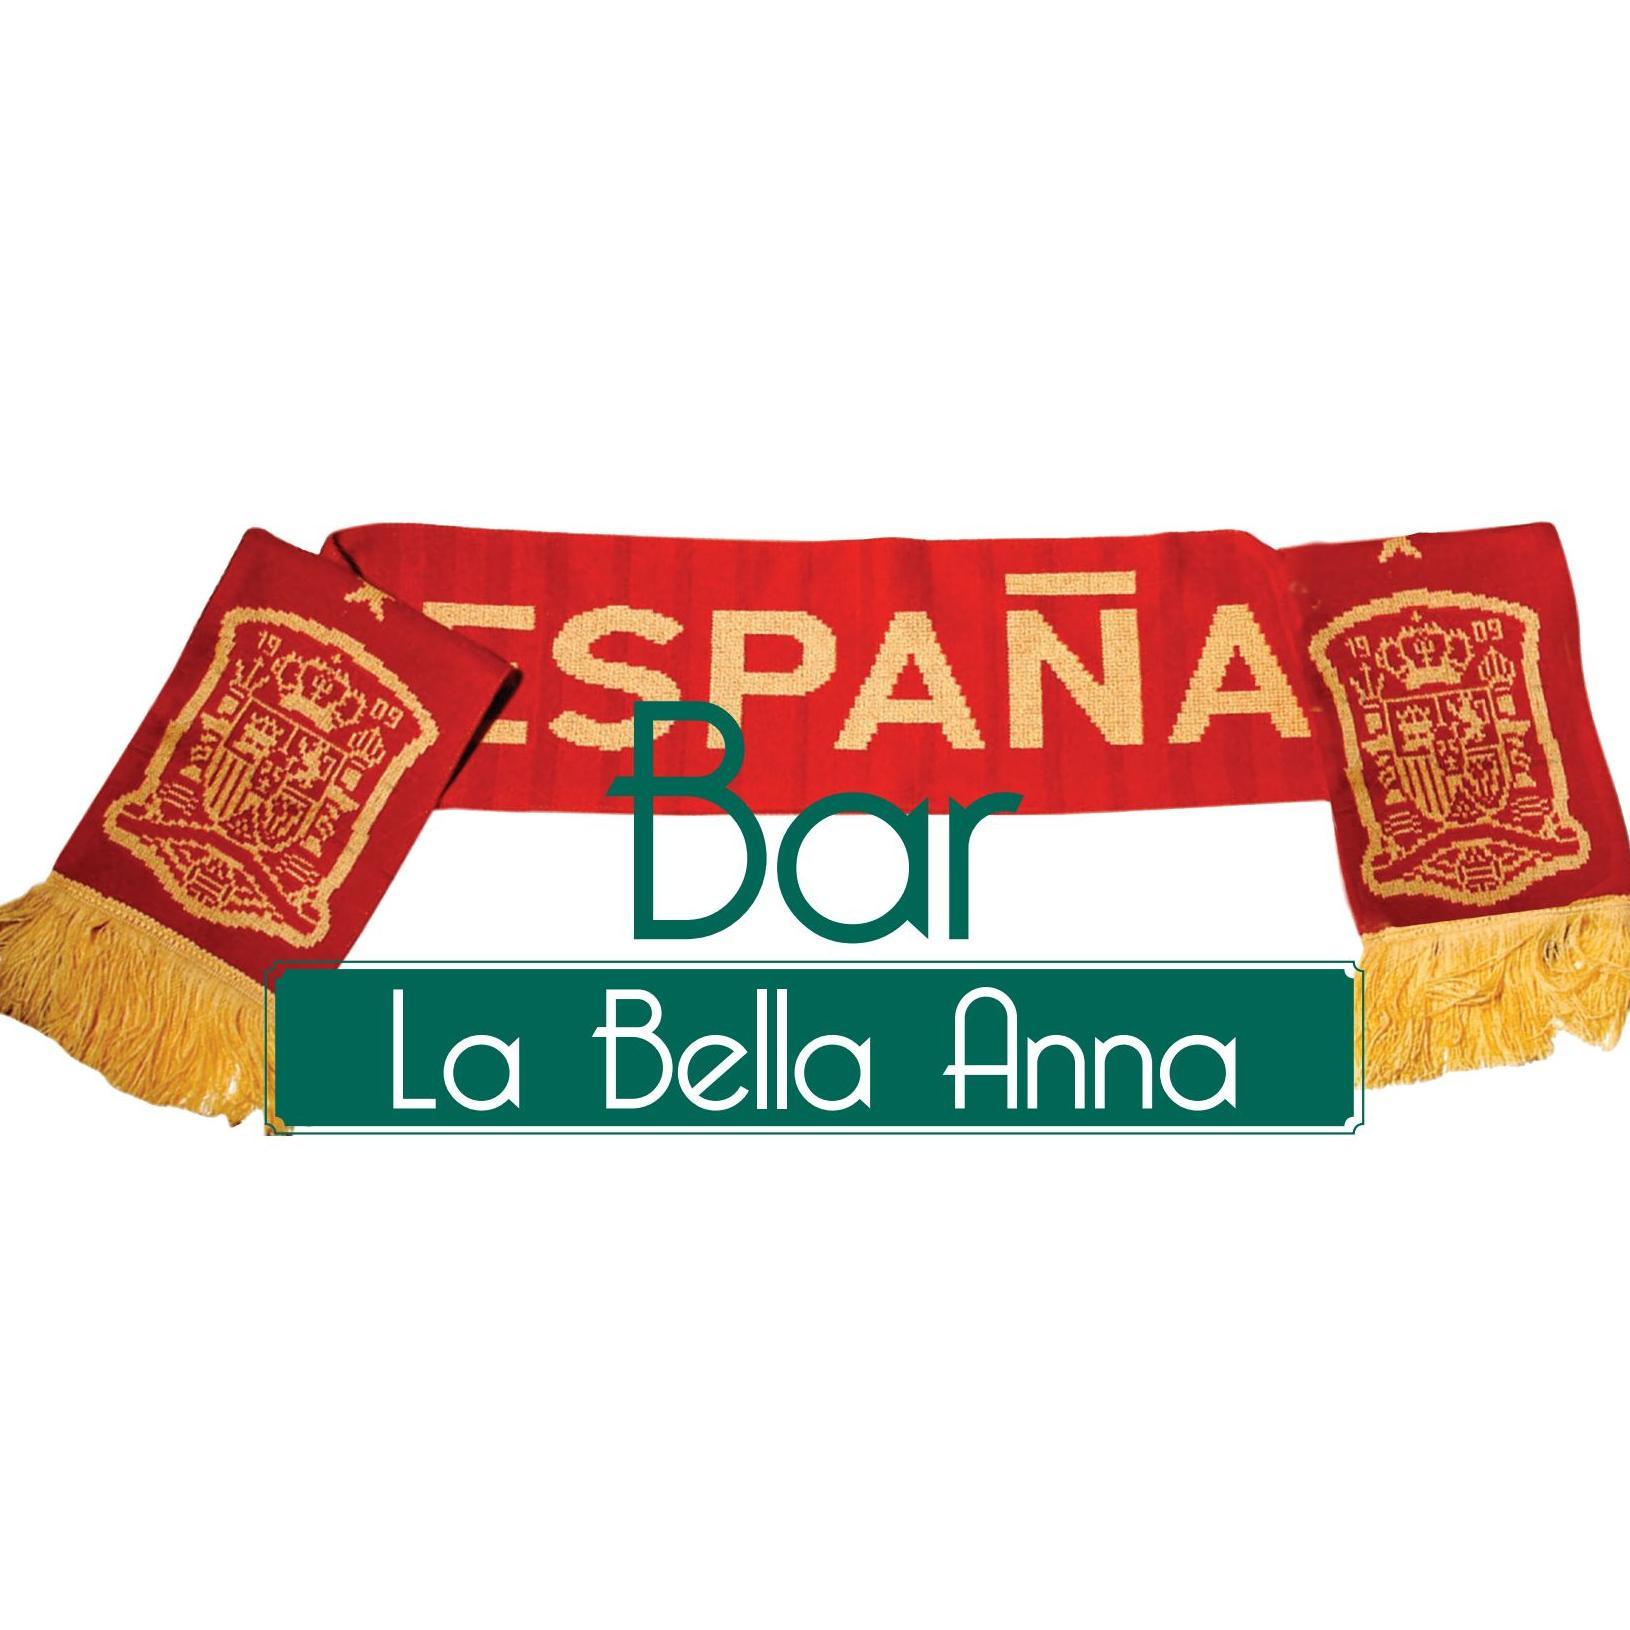 Bebida : Carta y Menús de La Bella Anna